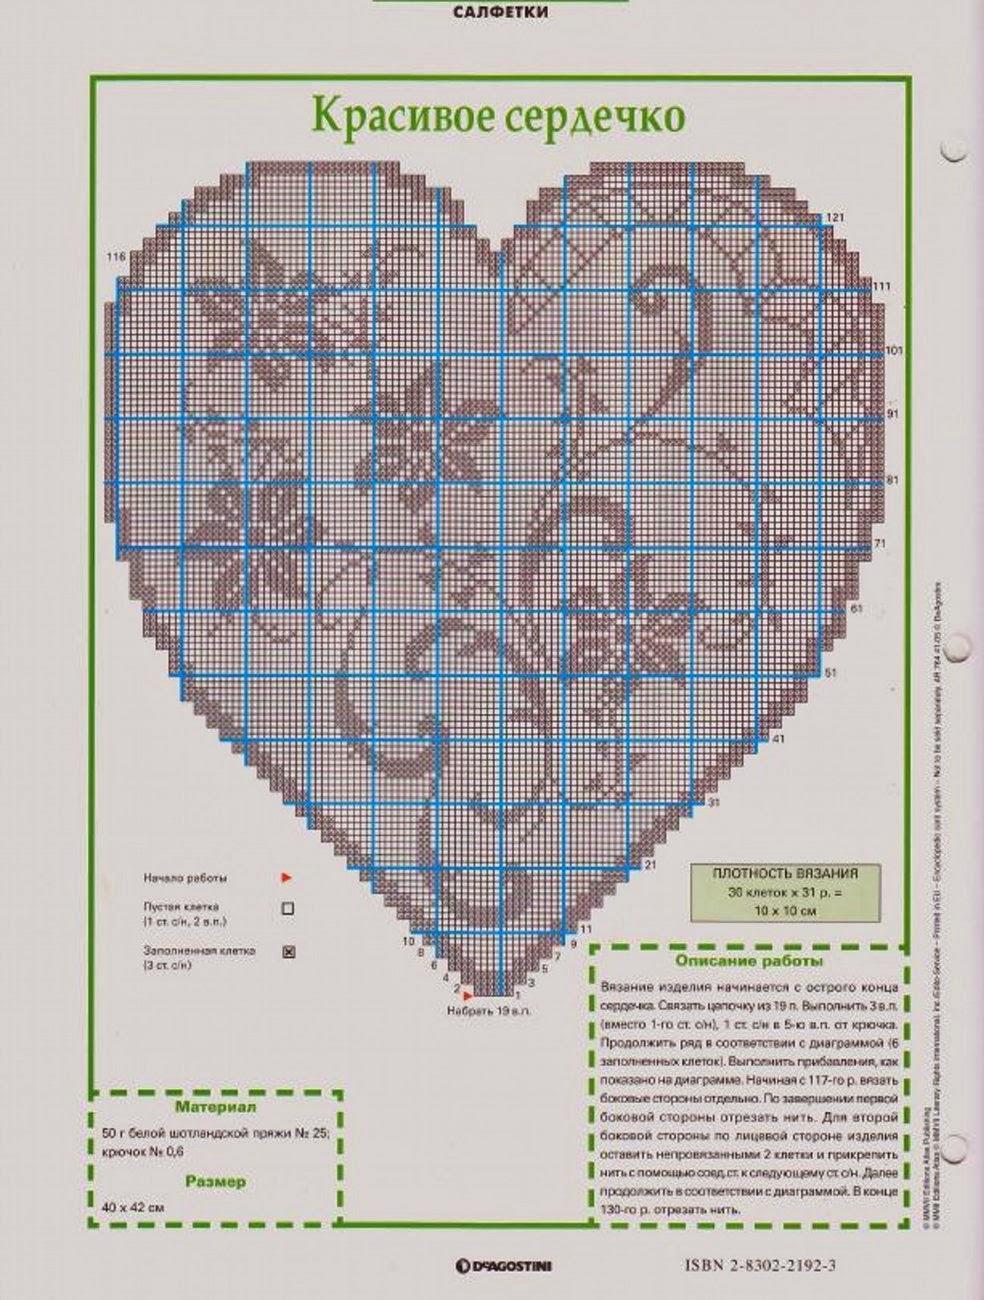 Bellissimo centrino a forma di cuore realizzato a filet